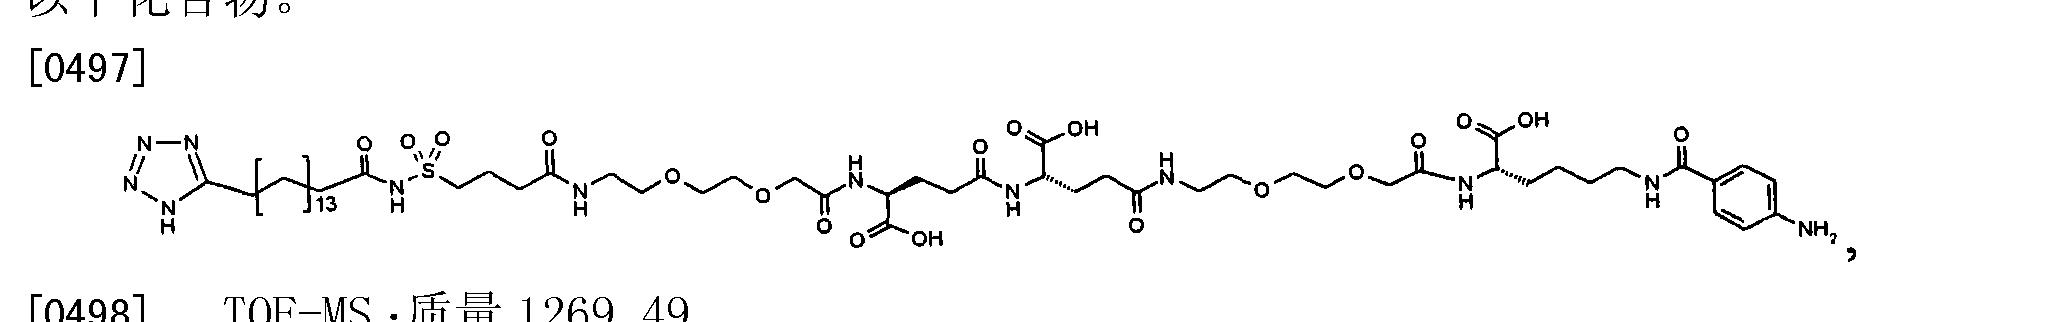 Figure CN102112157BD00572